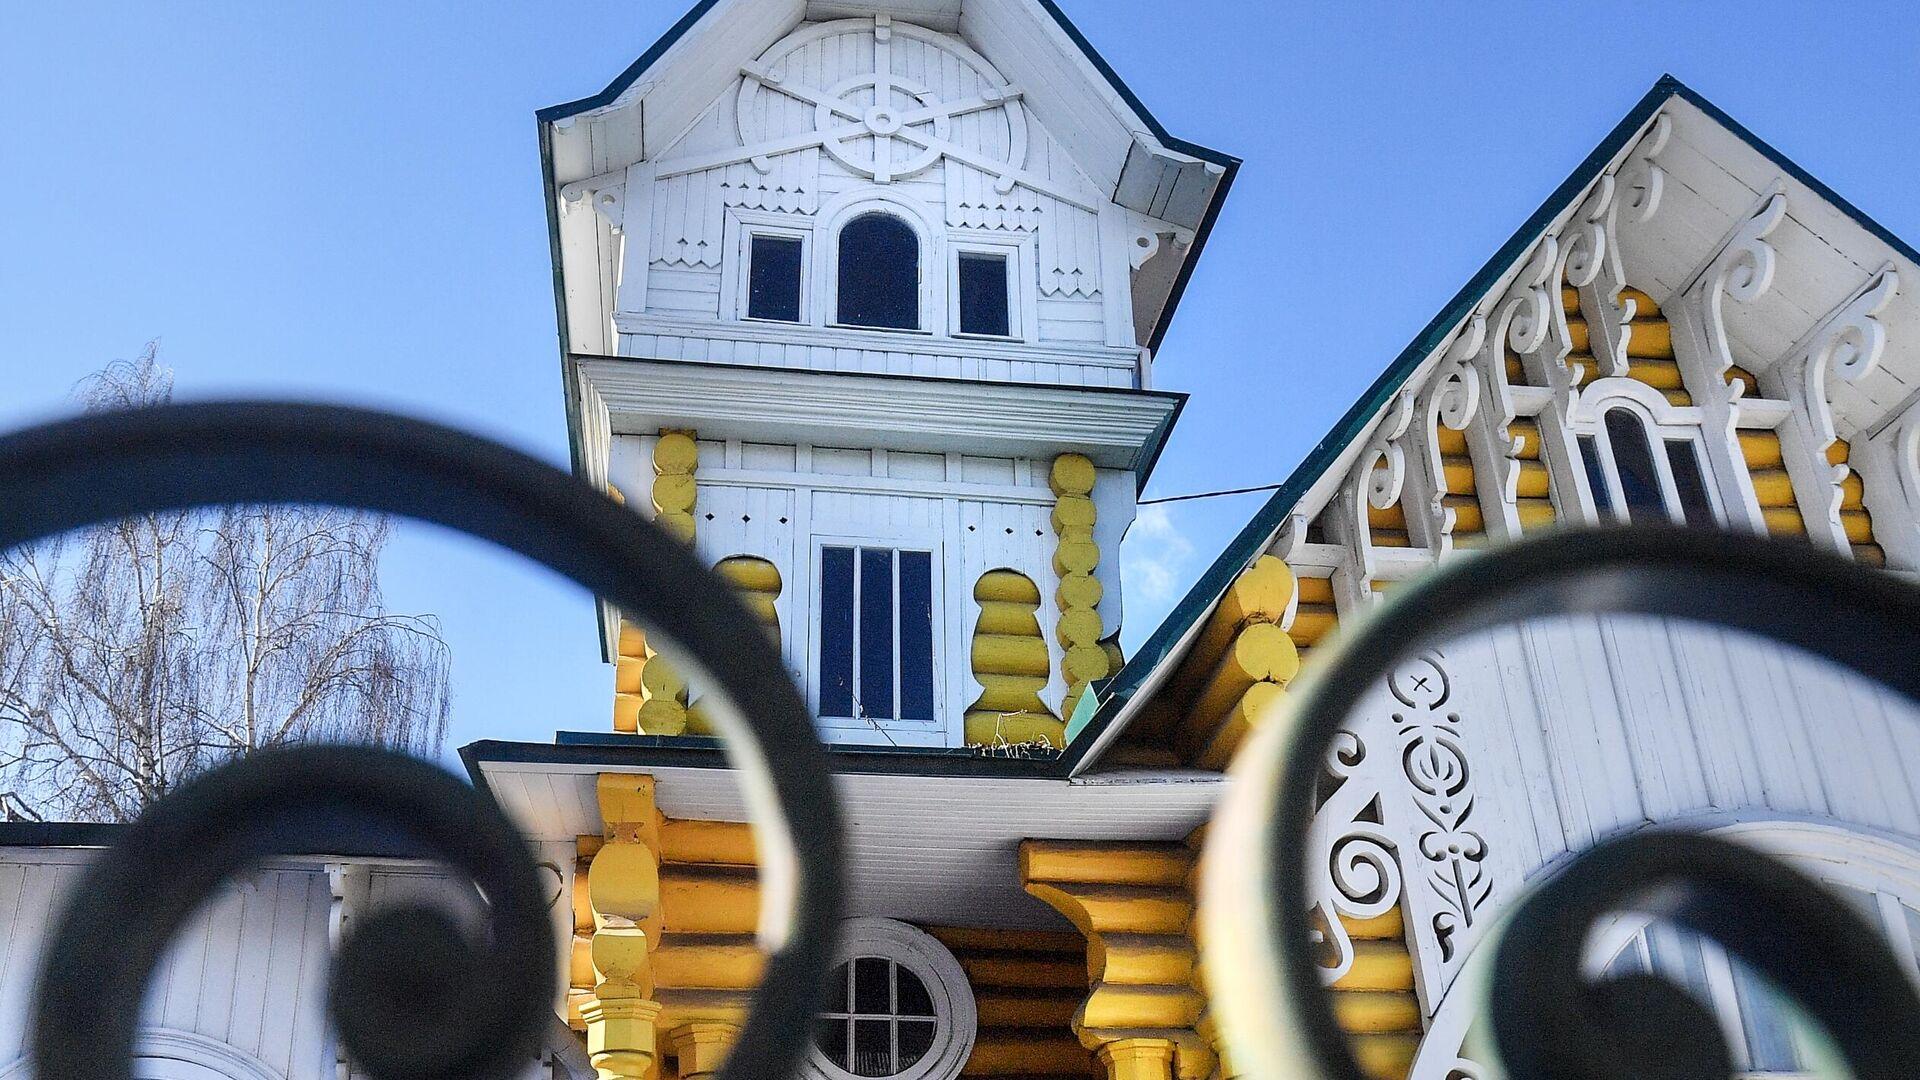 Дома в стиле модерн в Кимрах - РИА Новости, 1920, 20.04.2021